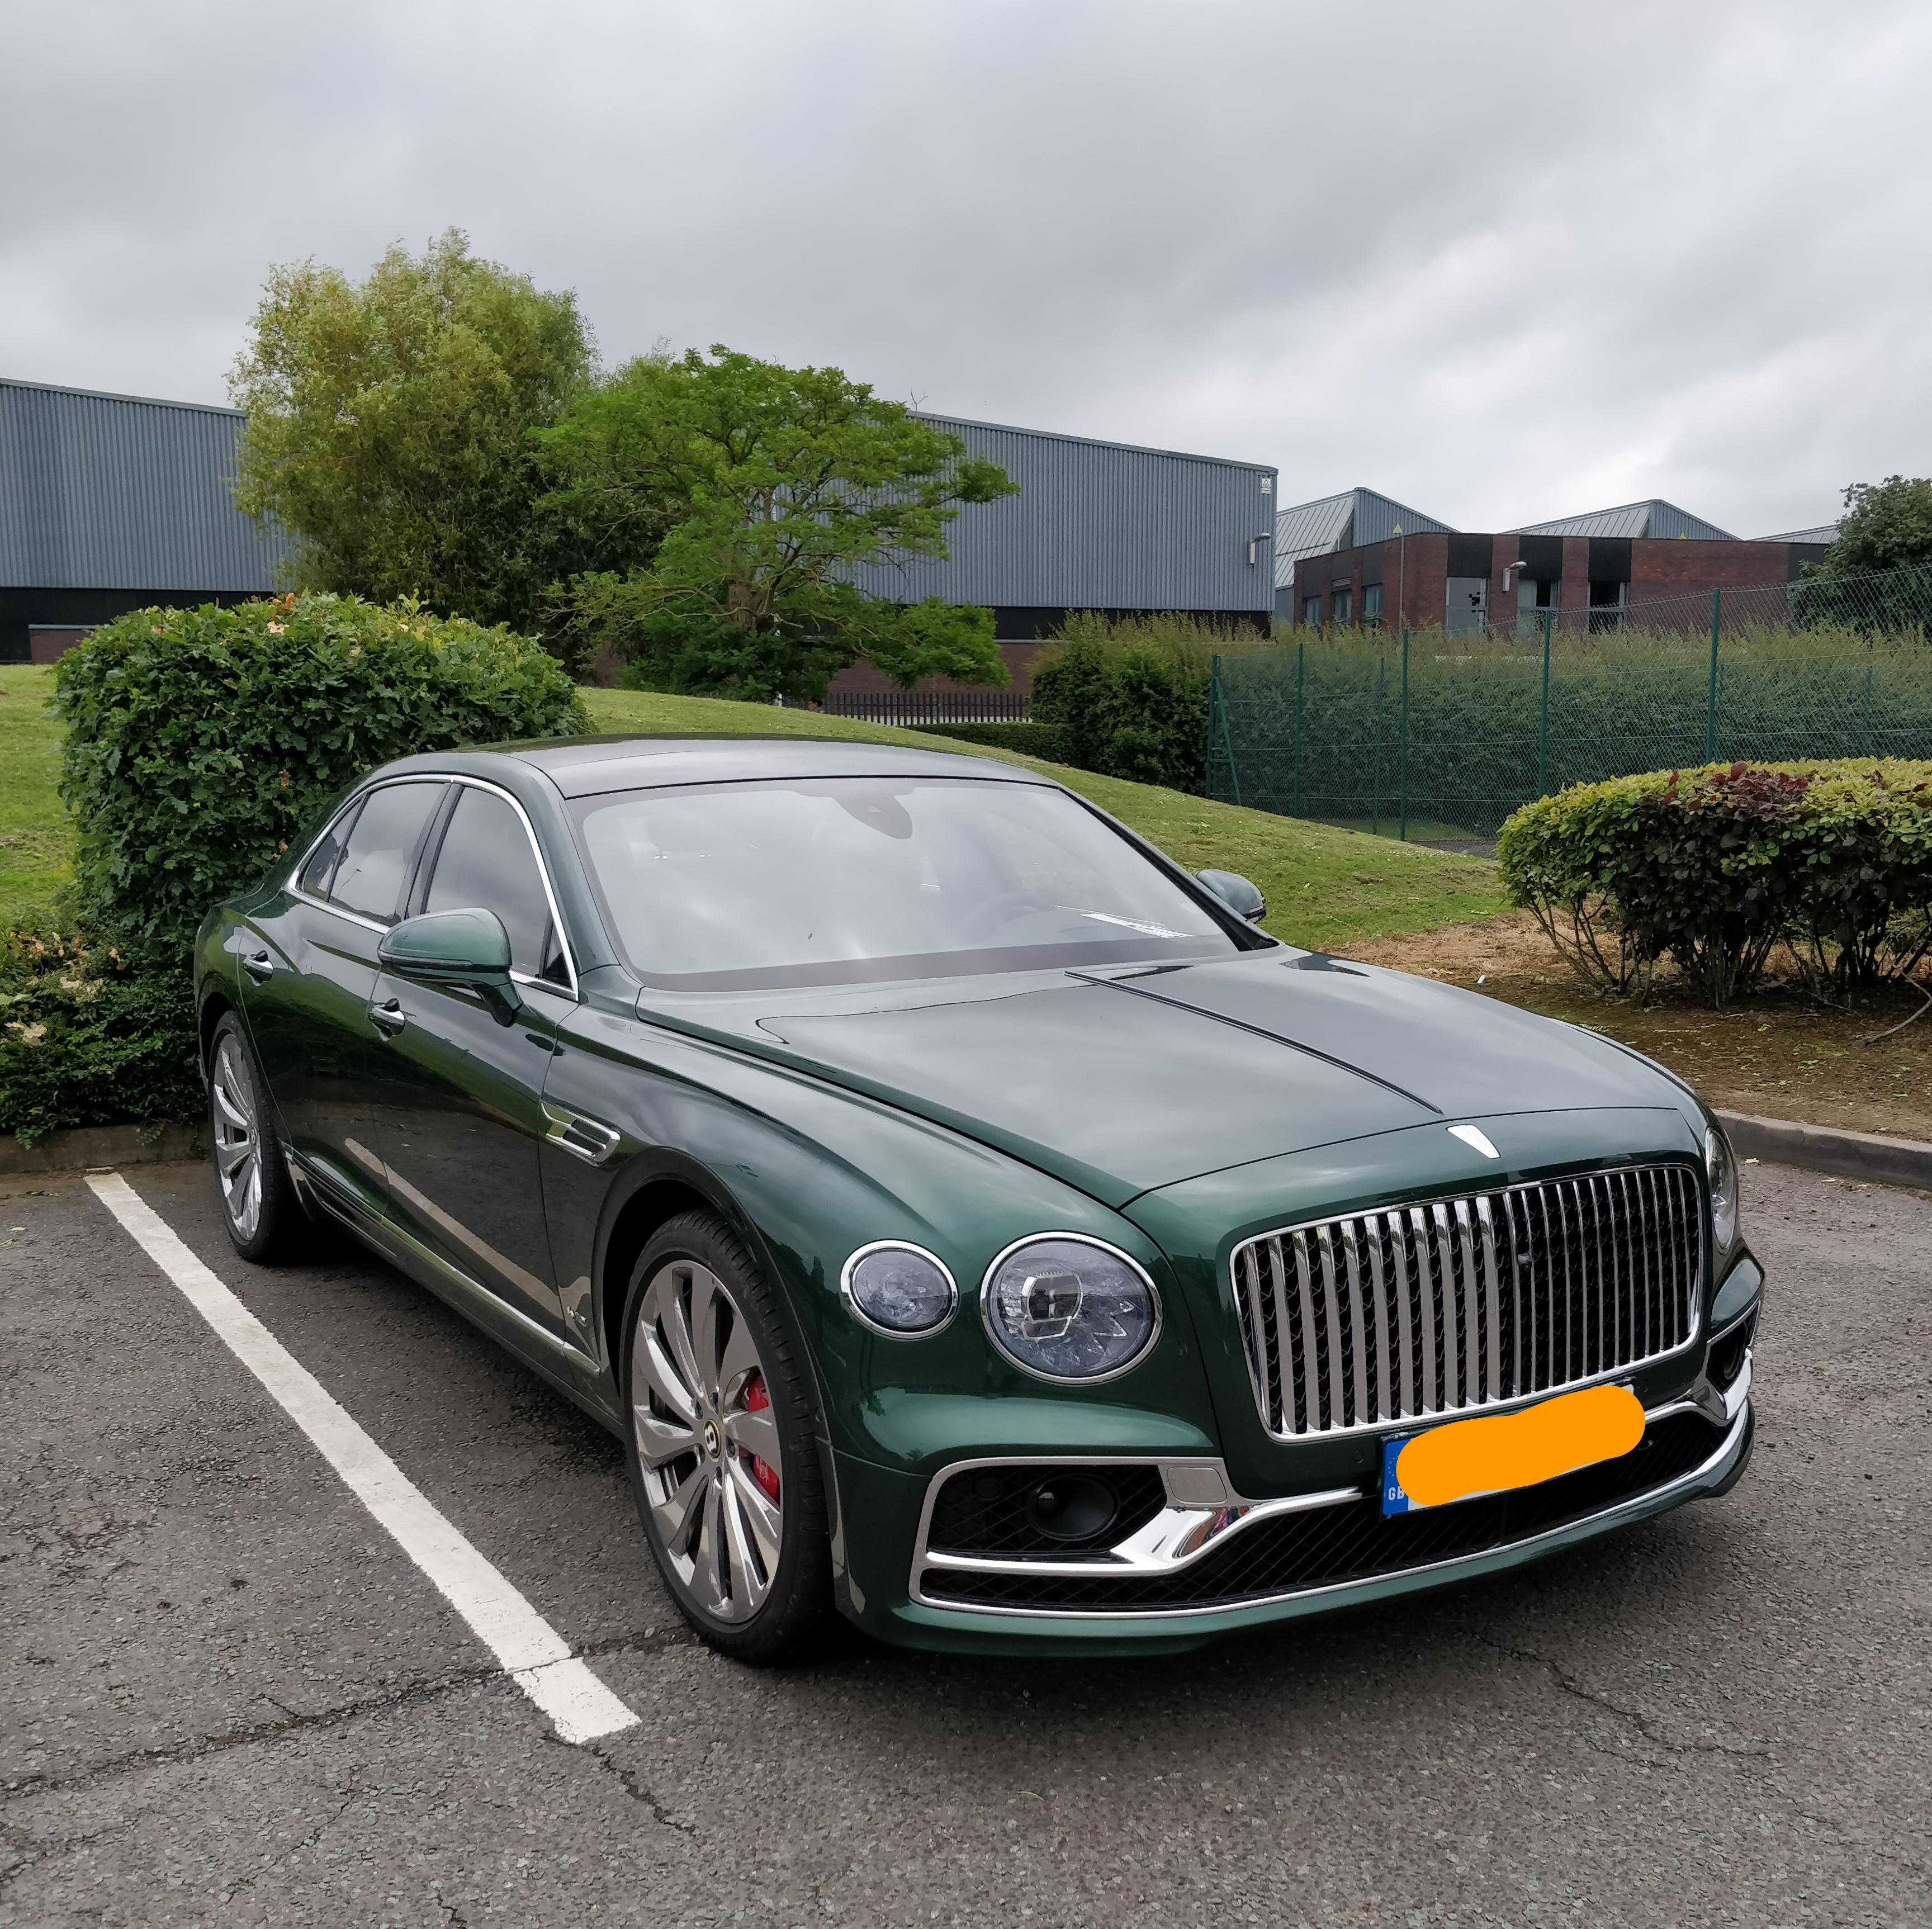 Bentley Flying Spur, Bentley Car, New Bentley